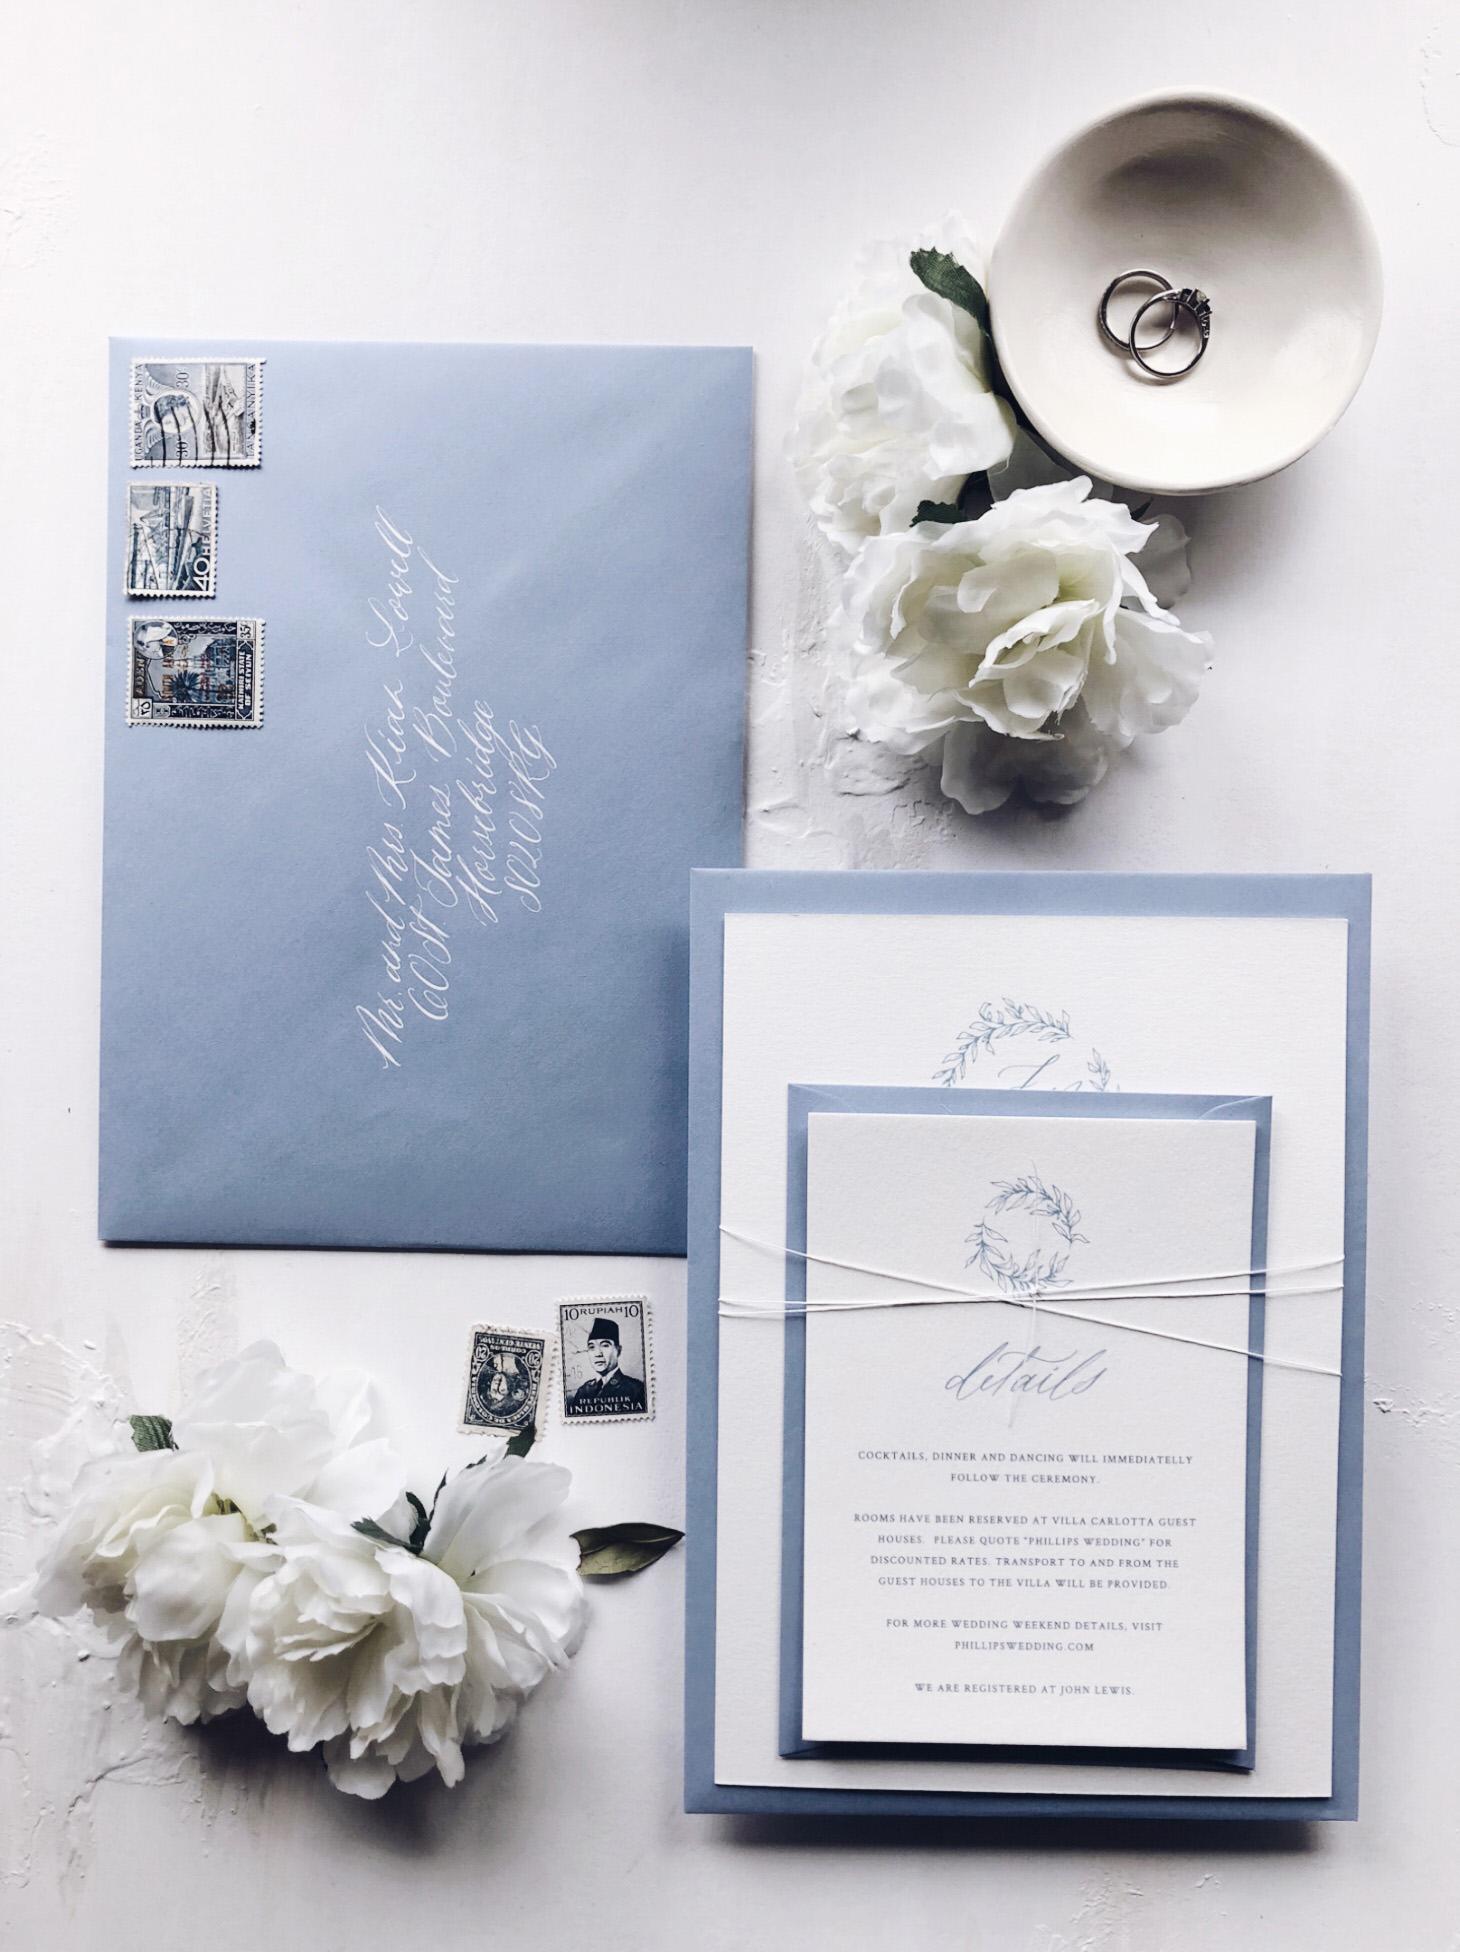 Wedding envelopes and personalised wedding stationery